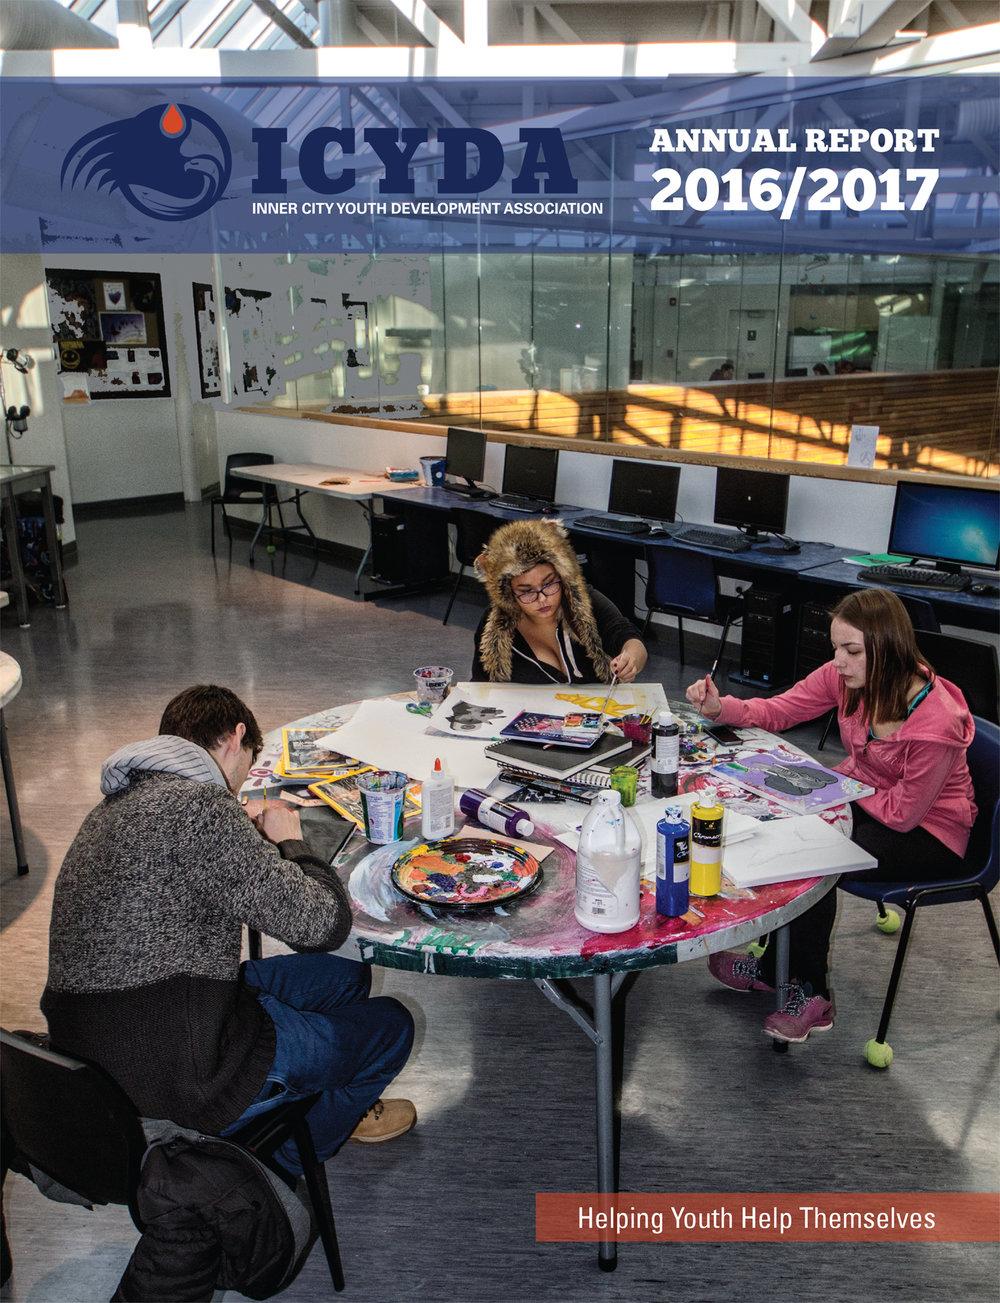 J000273 - Inner City, 2017-18 Annual Report_Final-1.jpg